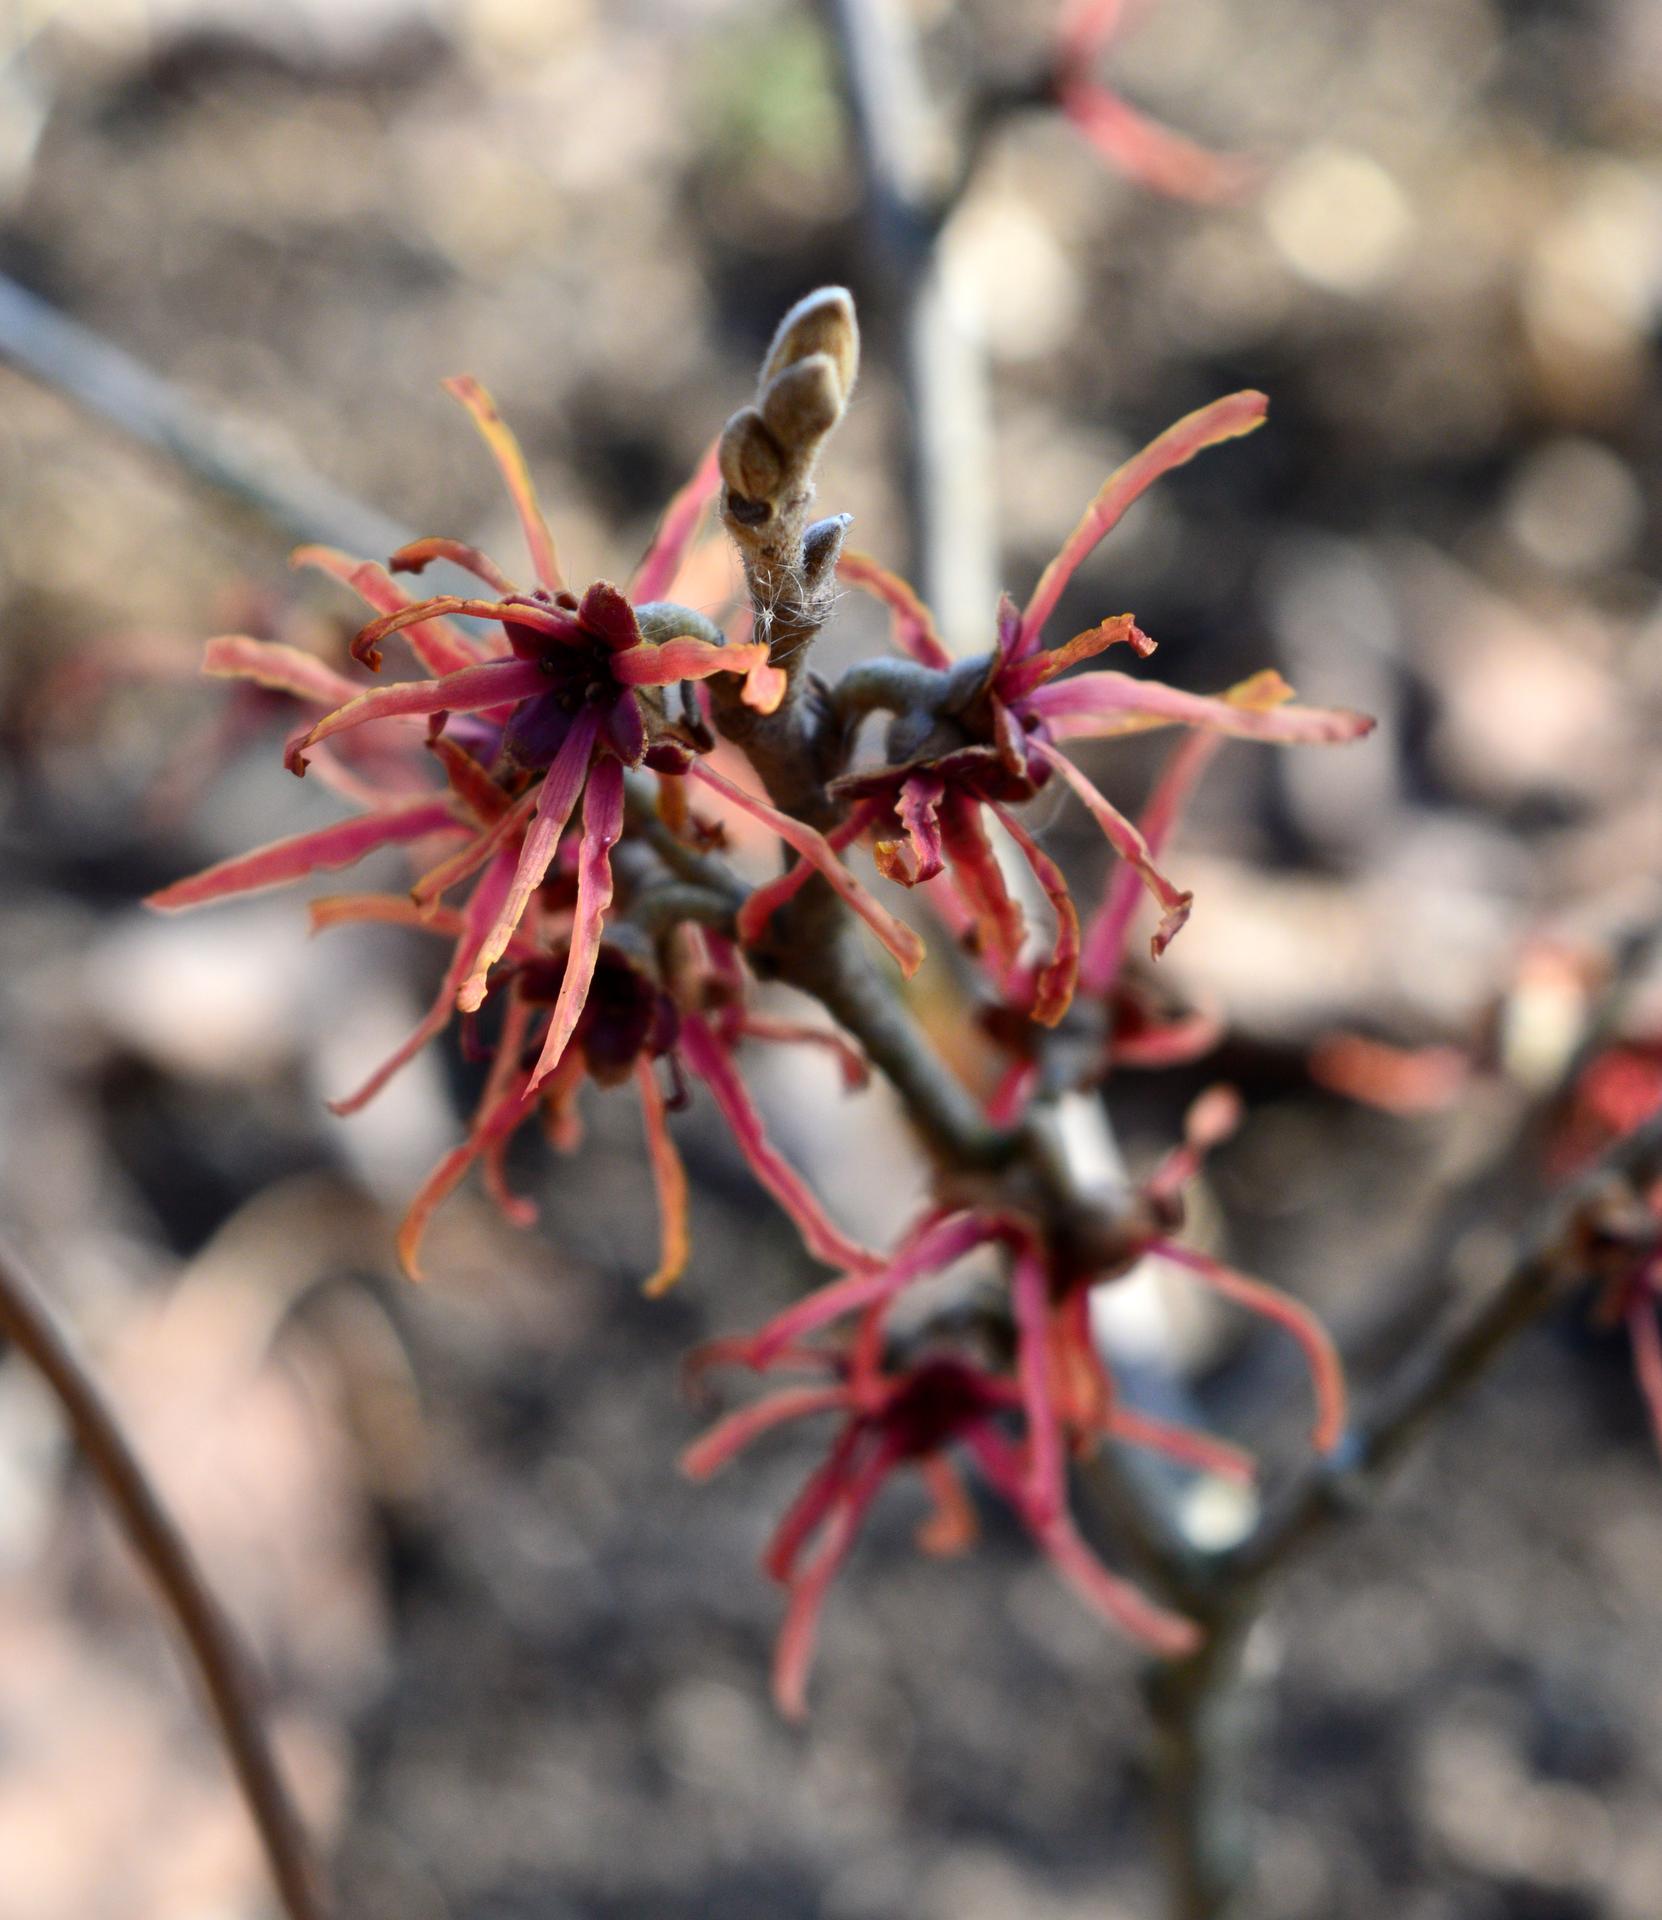 Naša prírodná perma záhradka v roku 2021 - 3/2021 - hamammel, túto jar kvitol iba jeden z dvoch